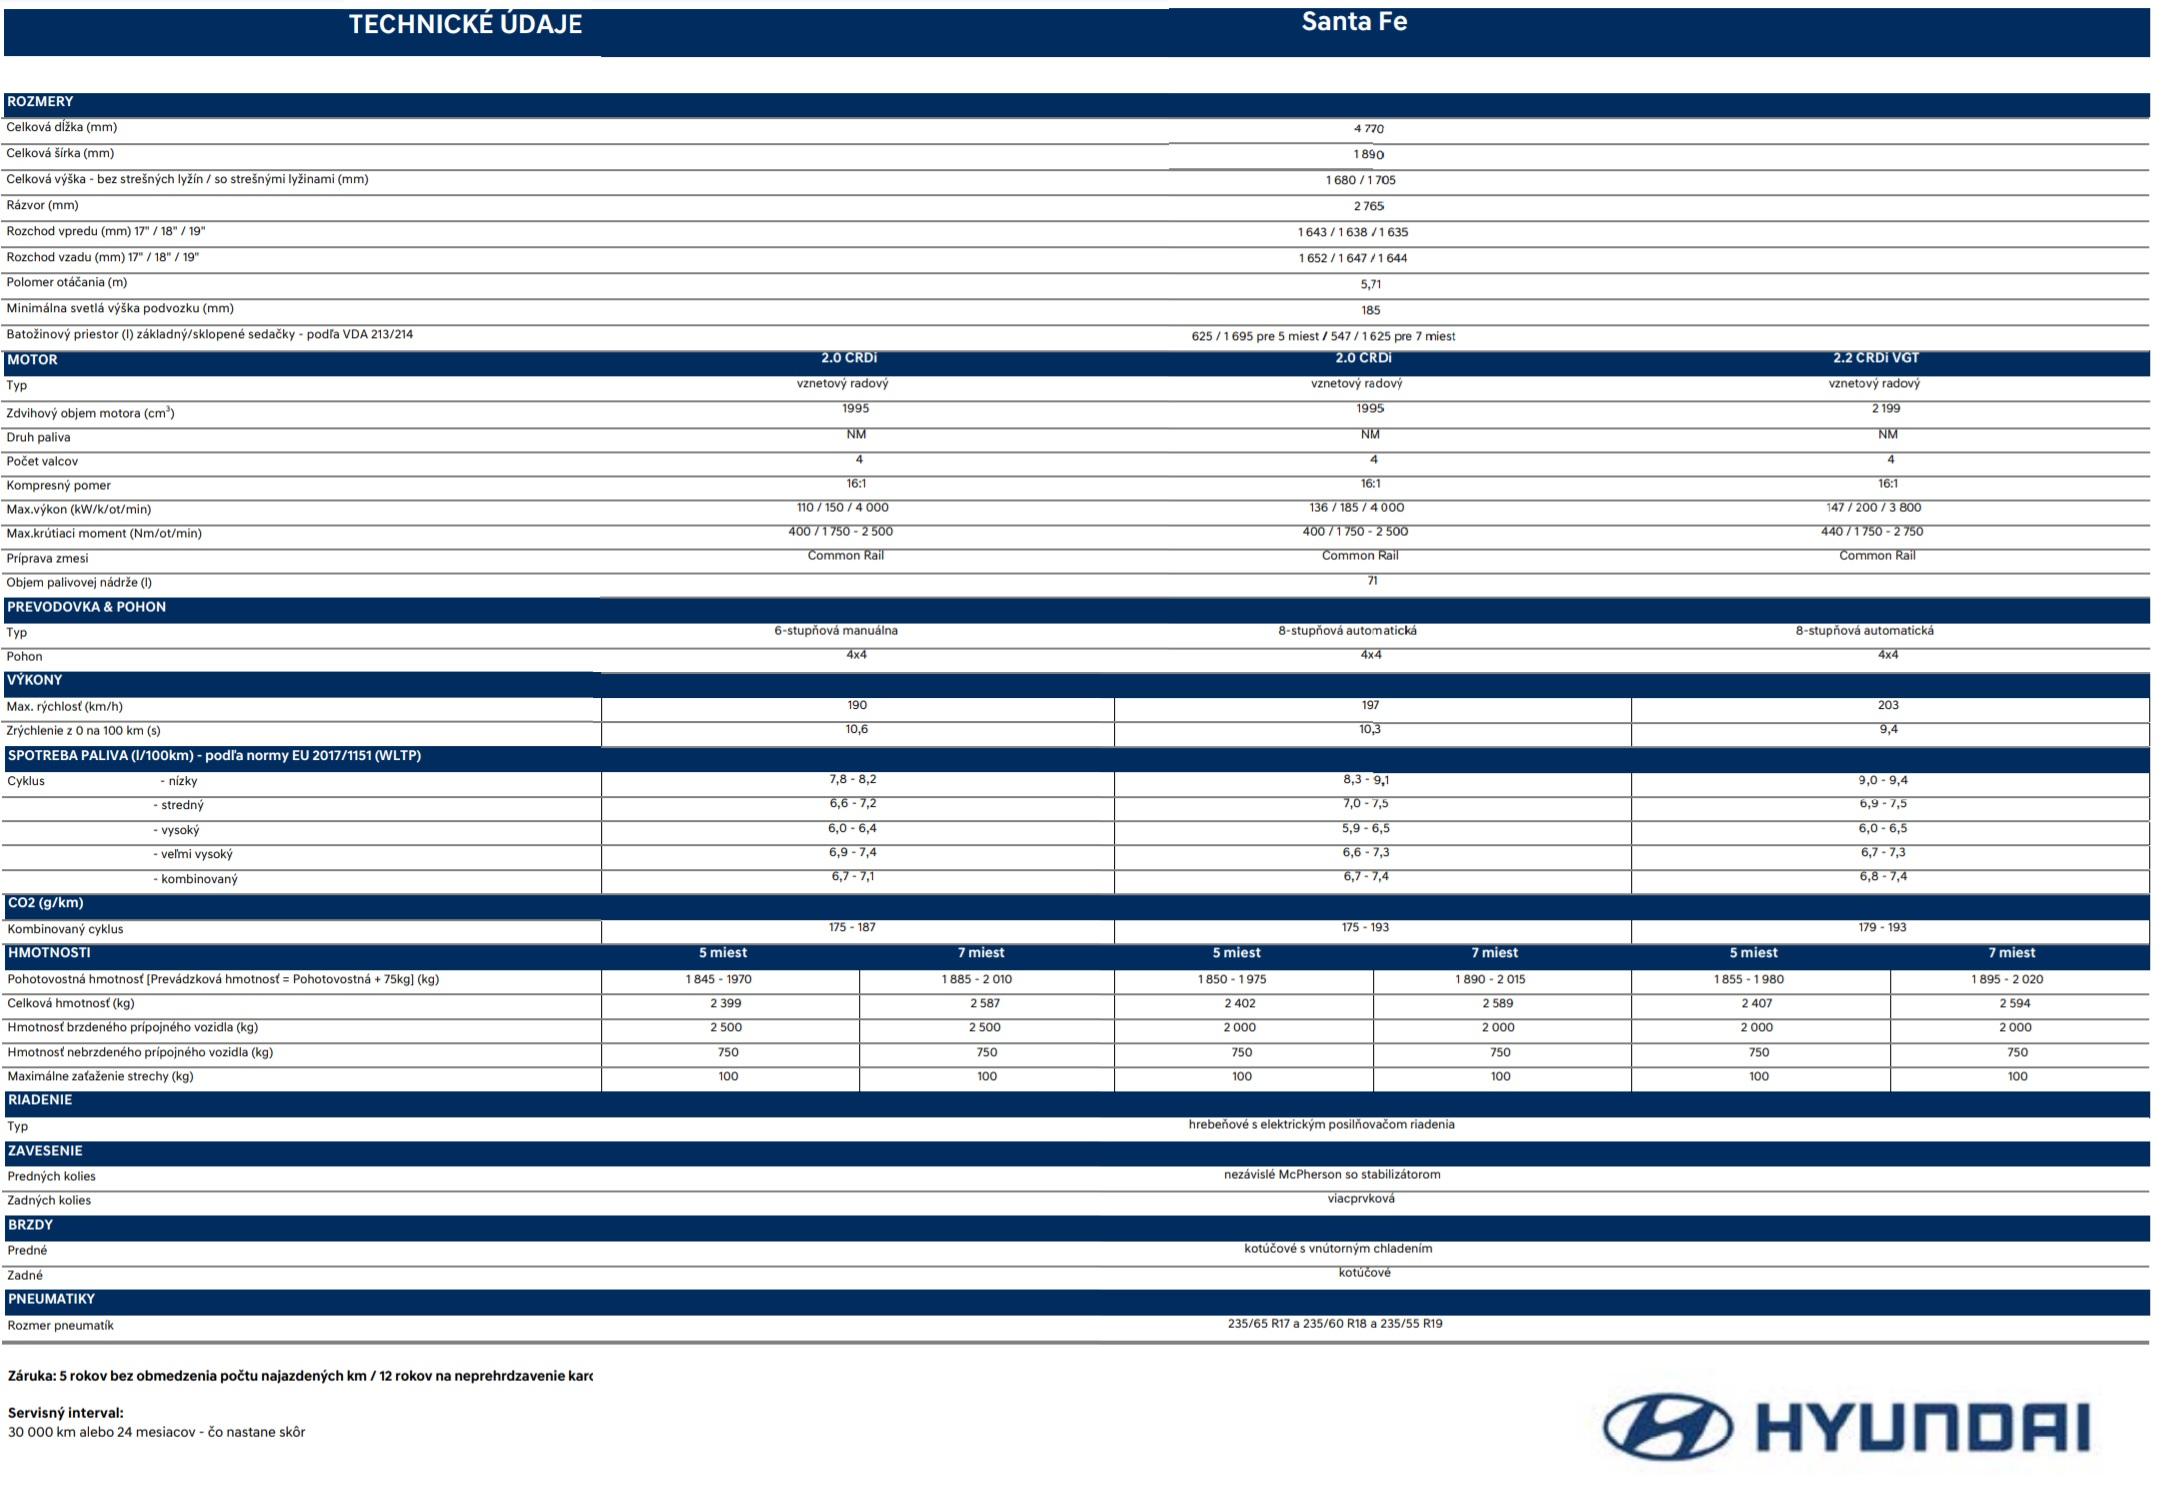 Technické údaje Hyundai Santa Fe